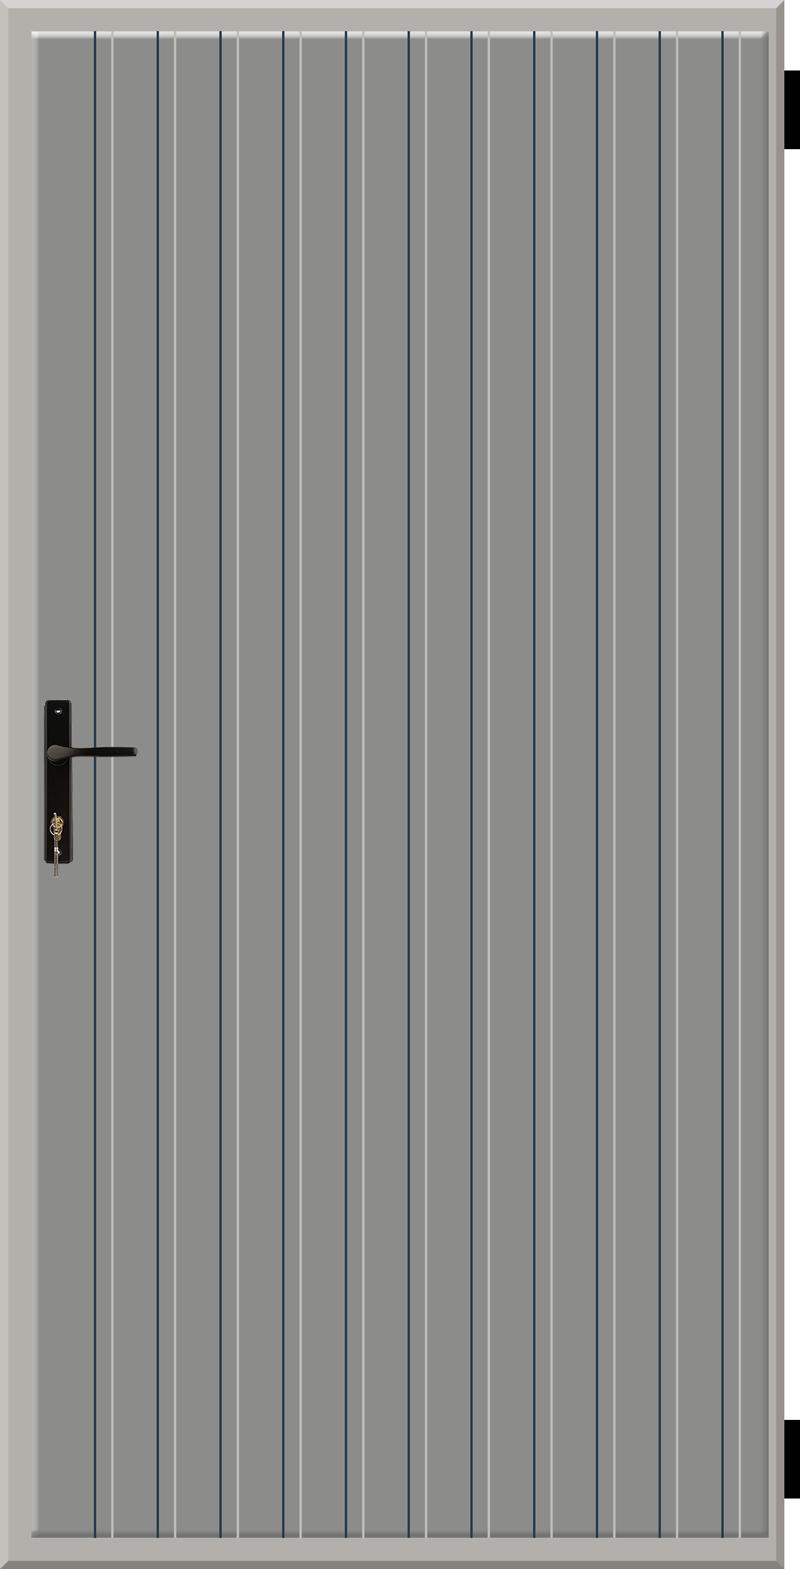 Tłoczenie pionowe co 8 cm